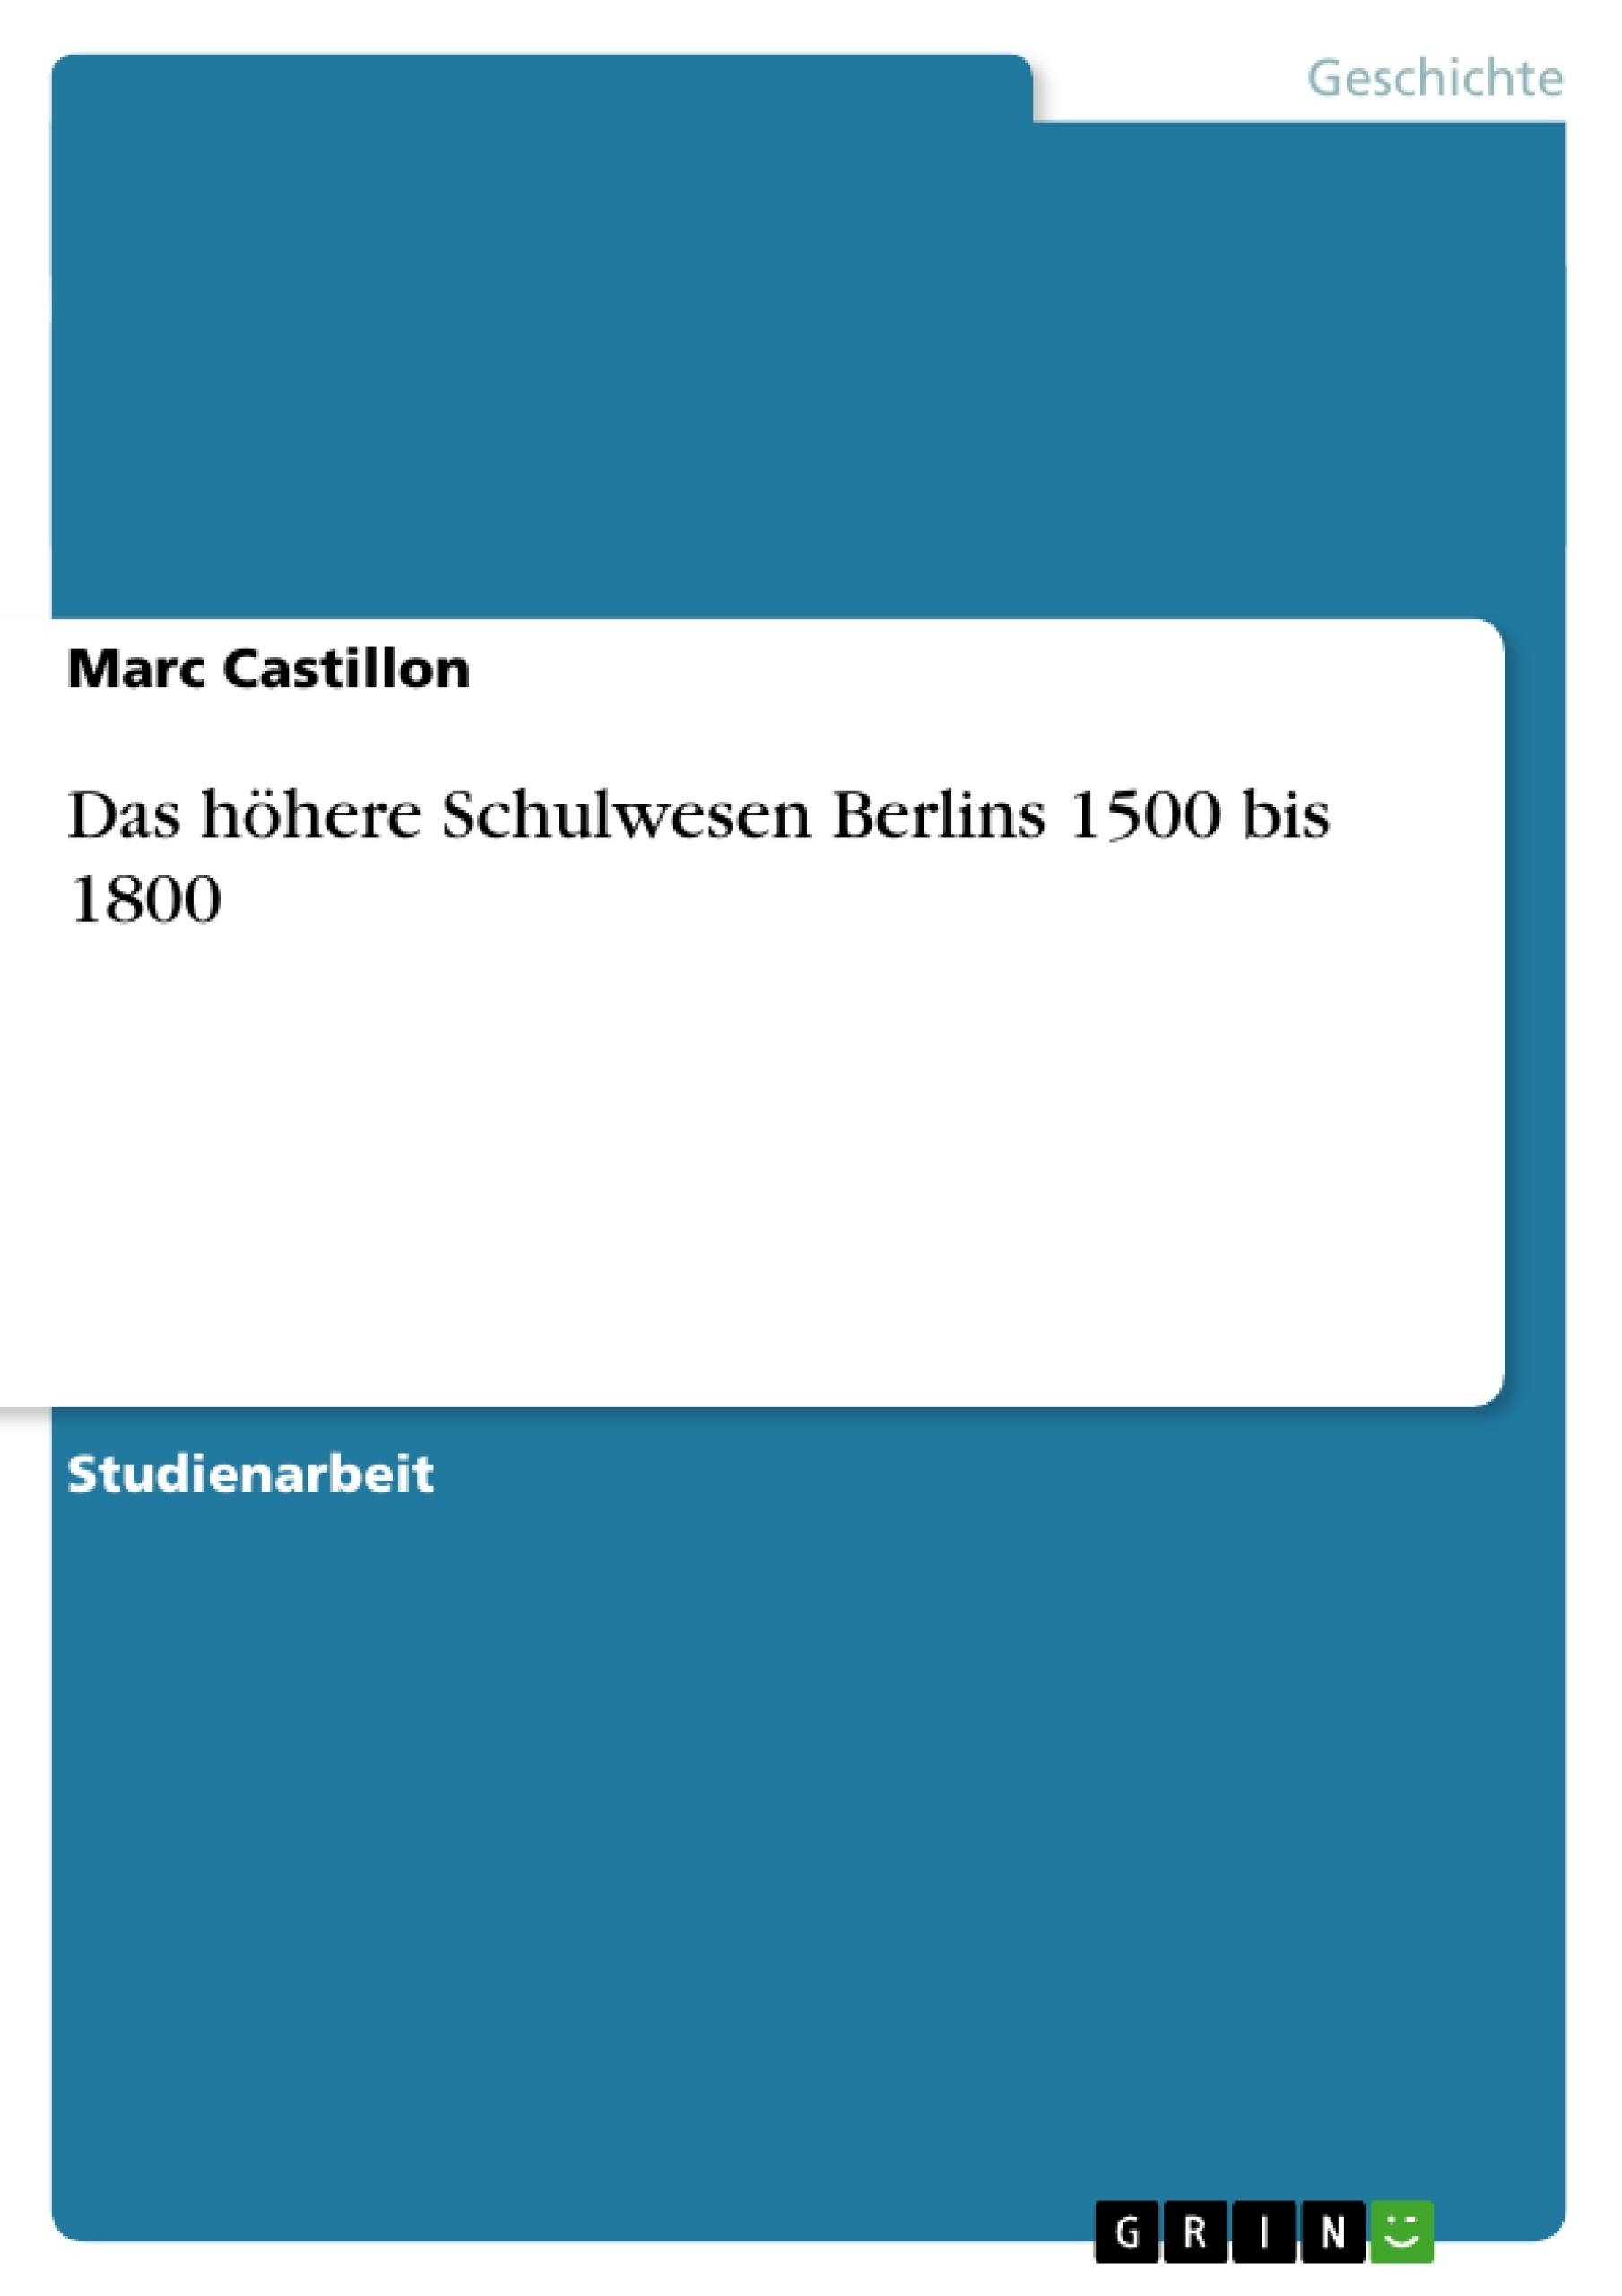 Titel: Das höhere Schulwesen Berlins 1500 bis 1800